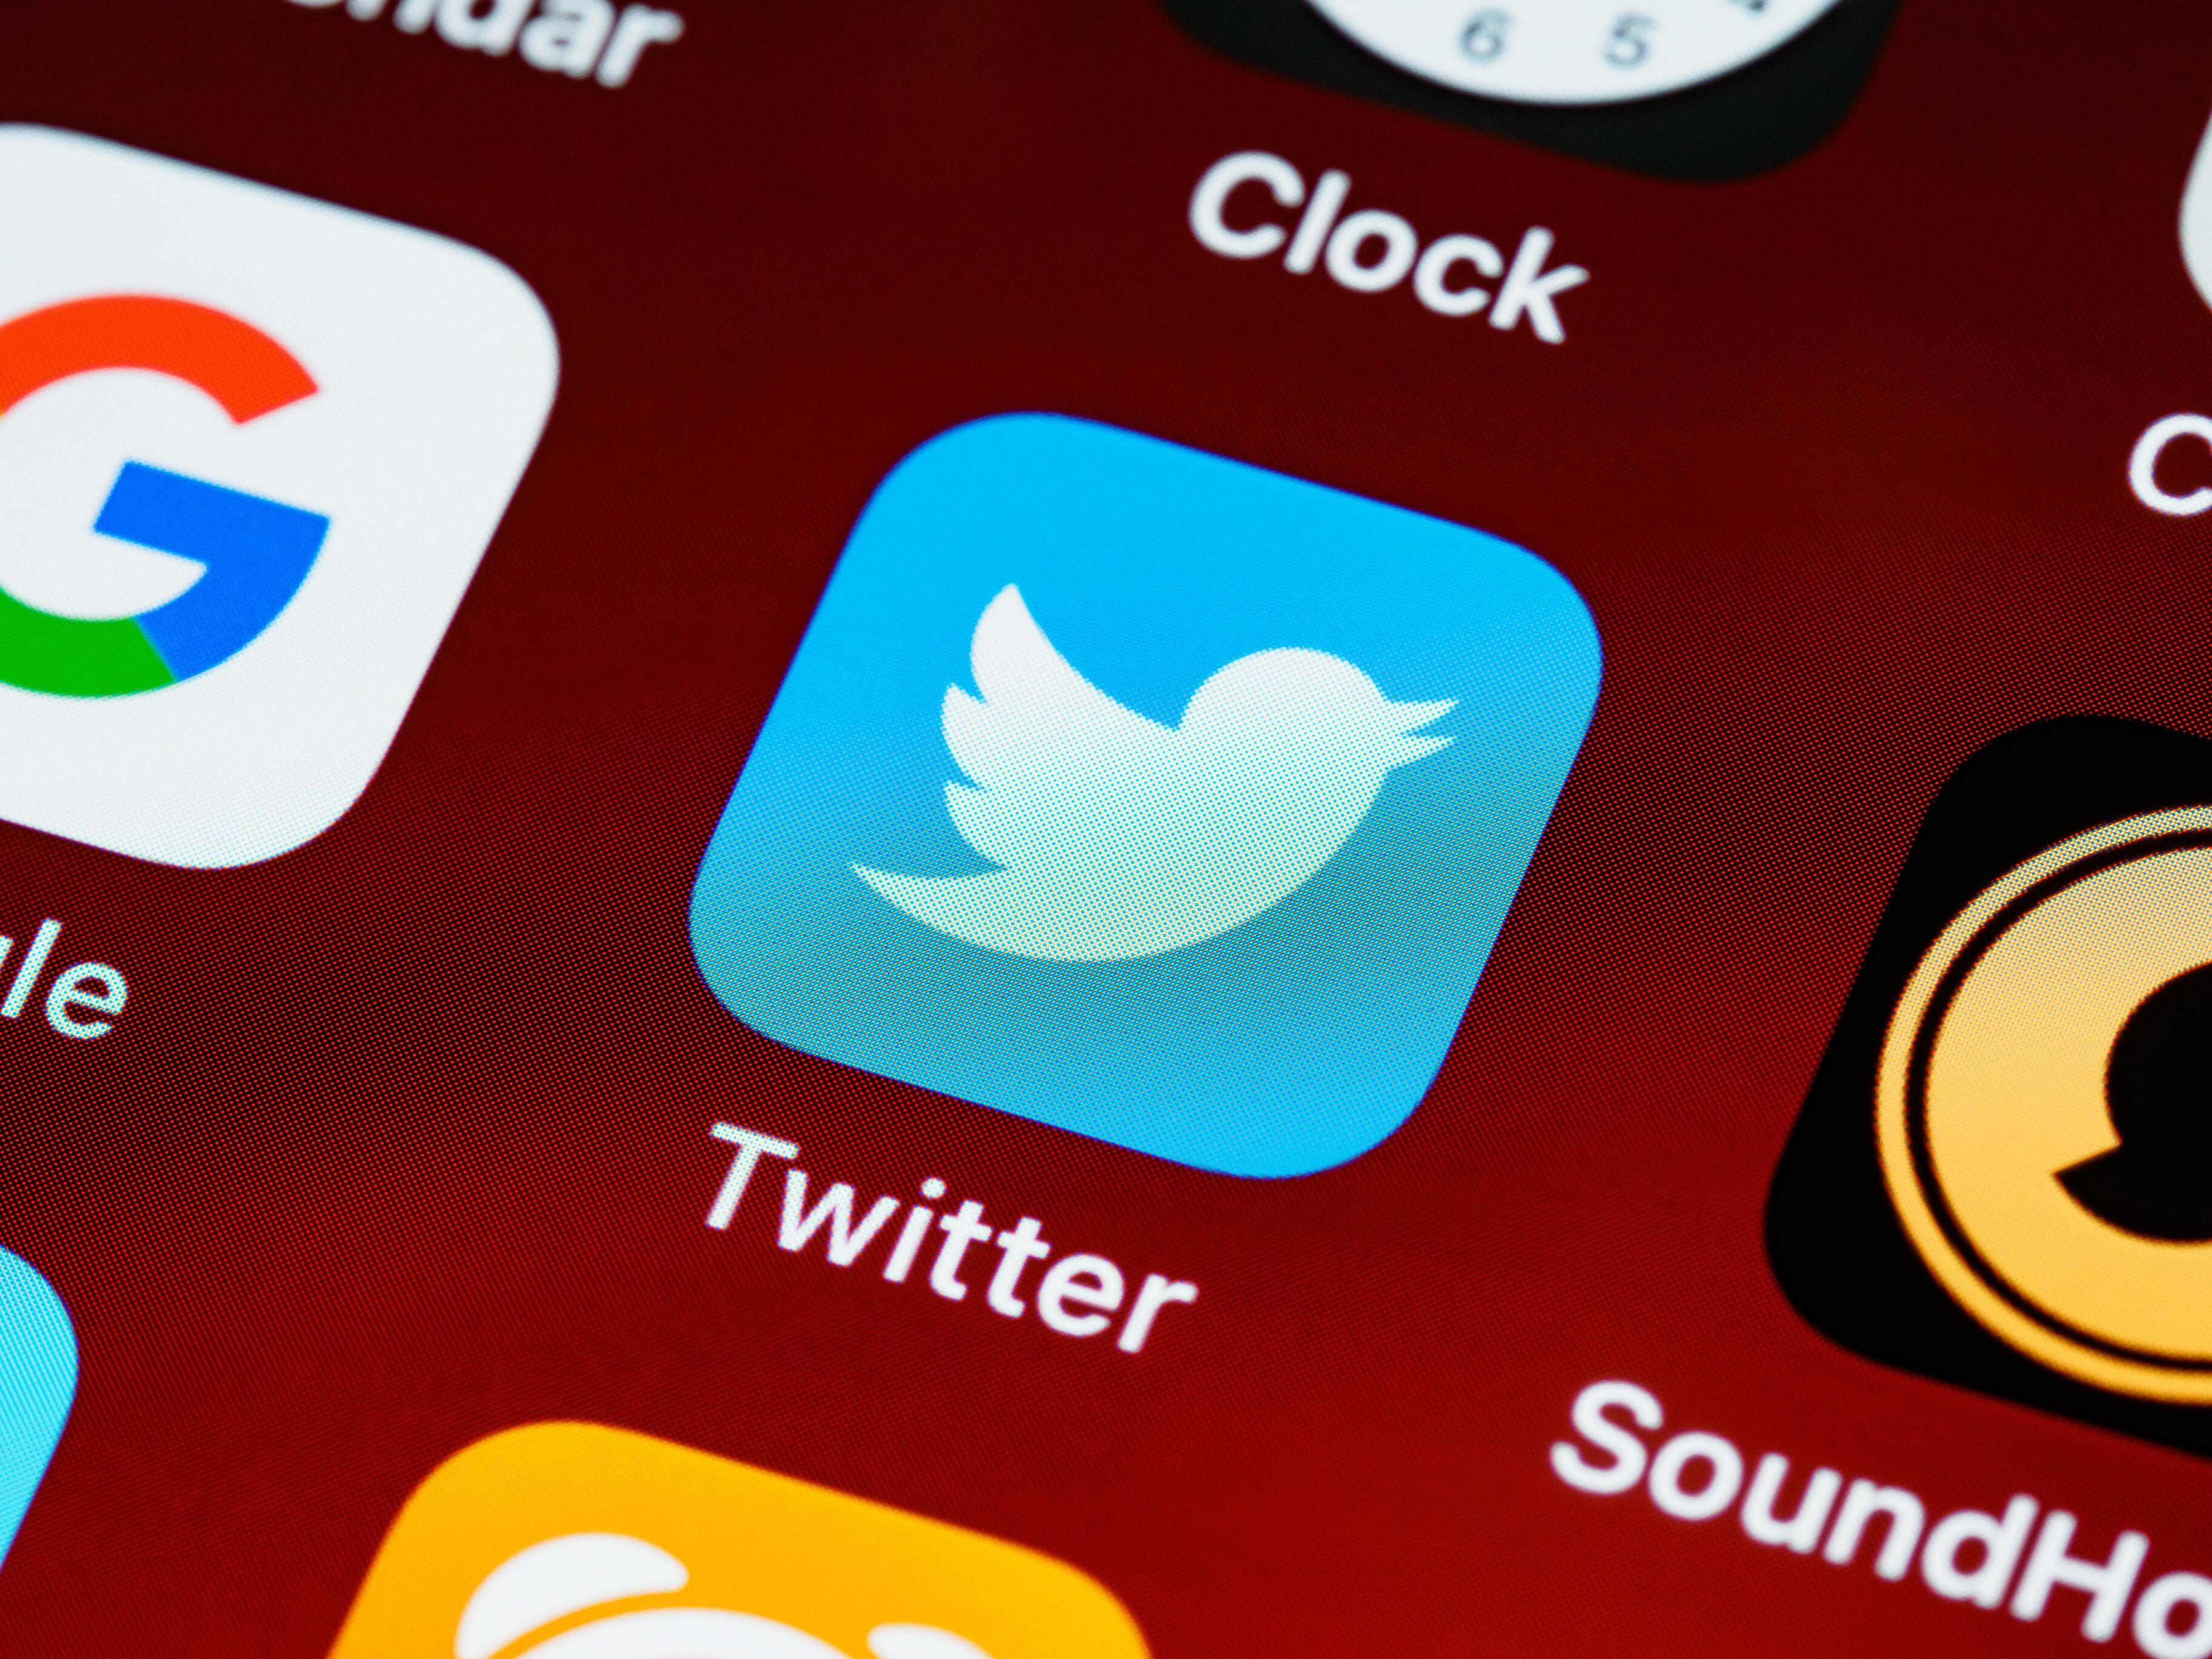 Россия выписала Twitter несколько миллионных штрафов